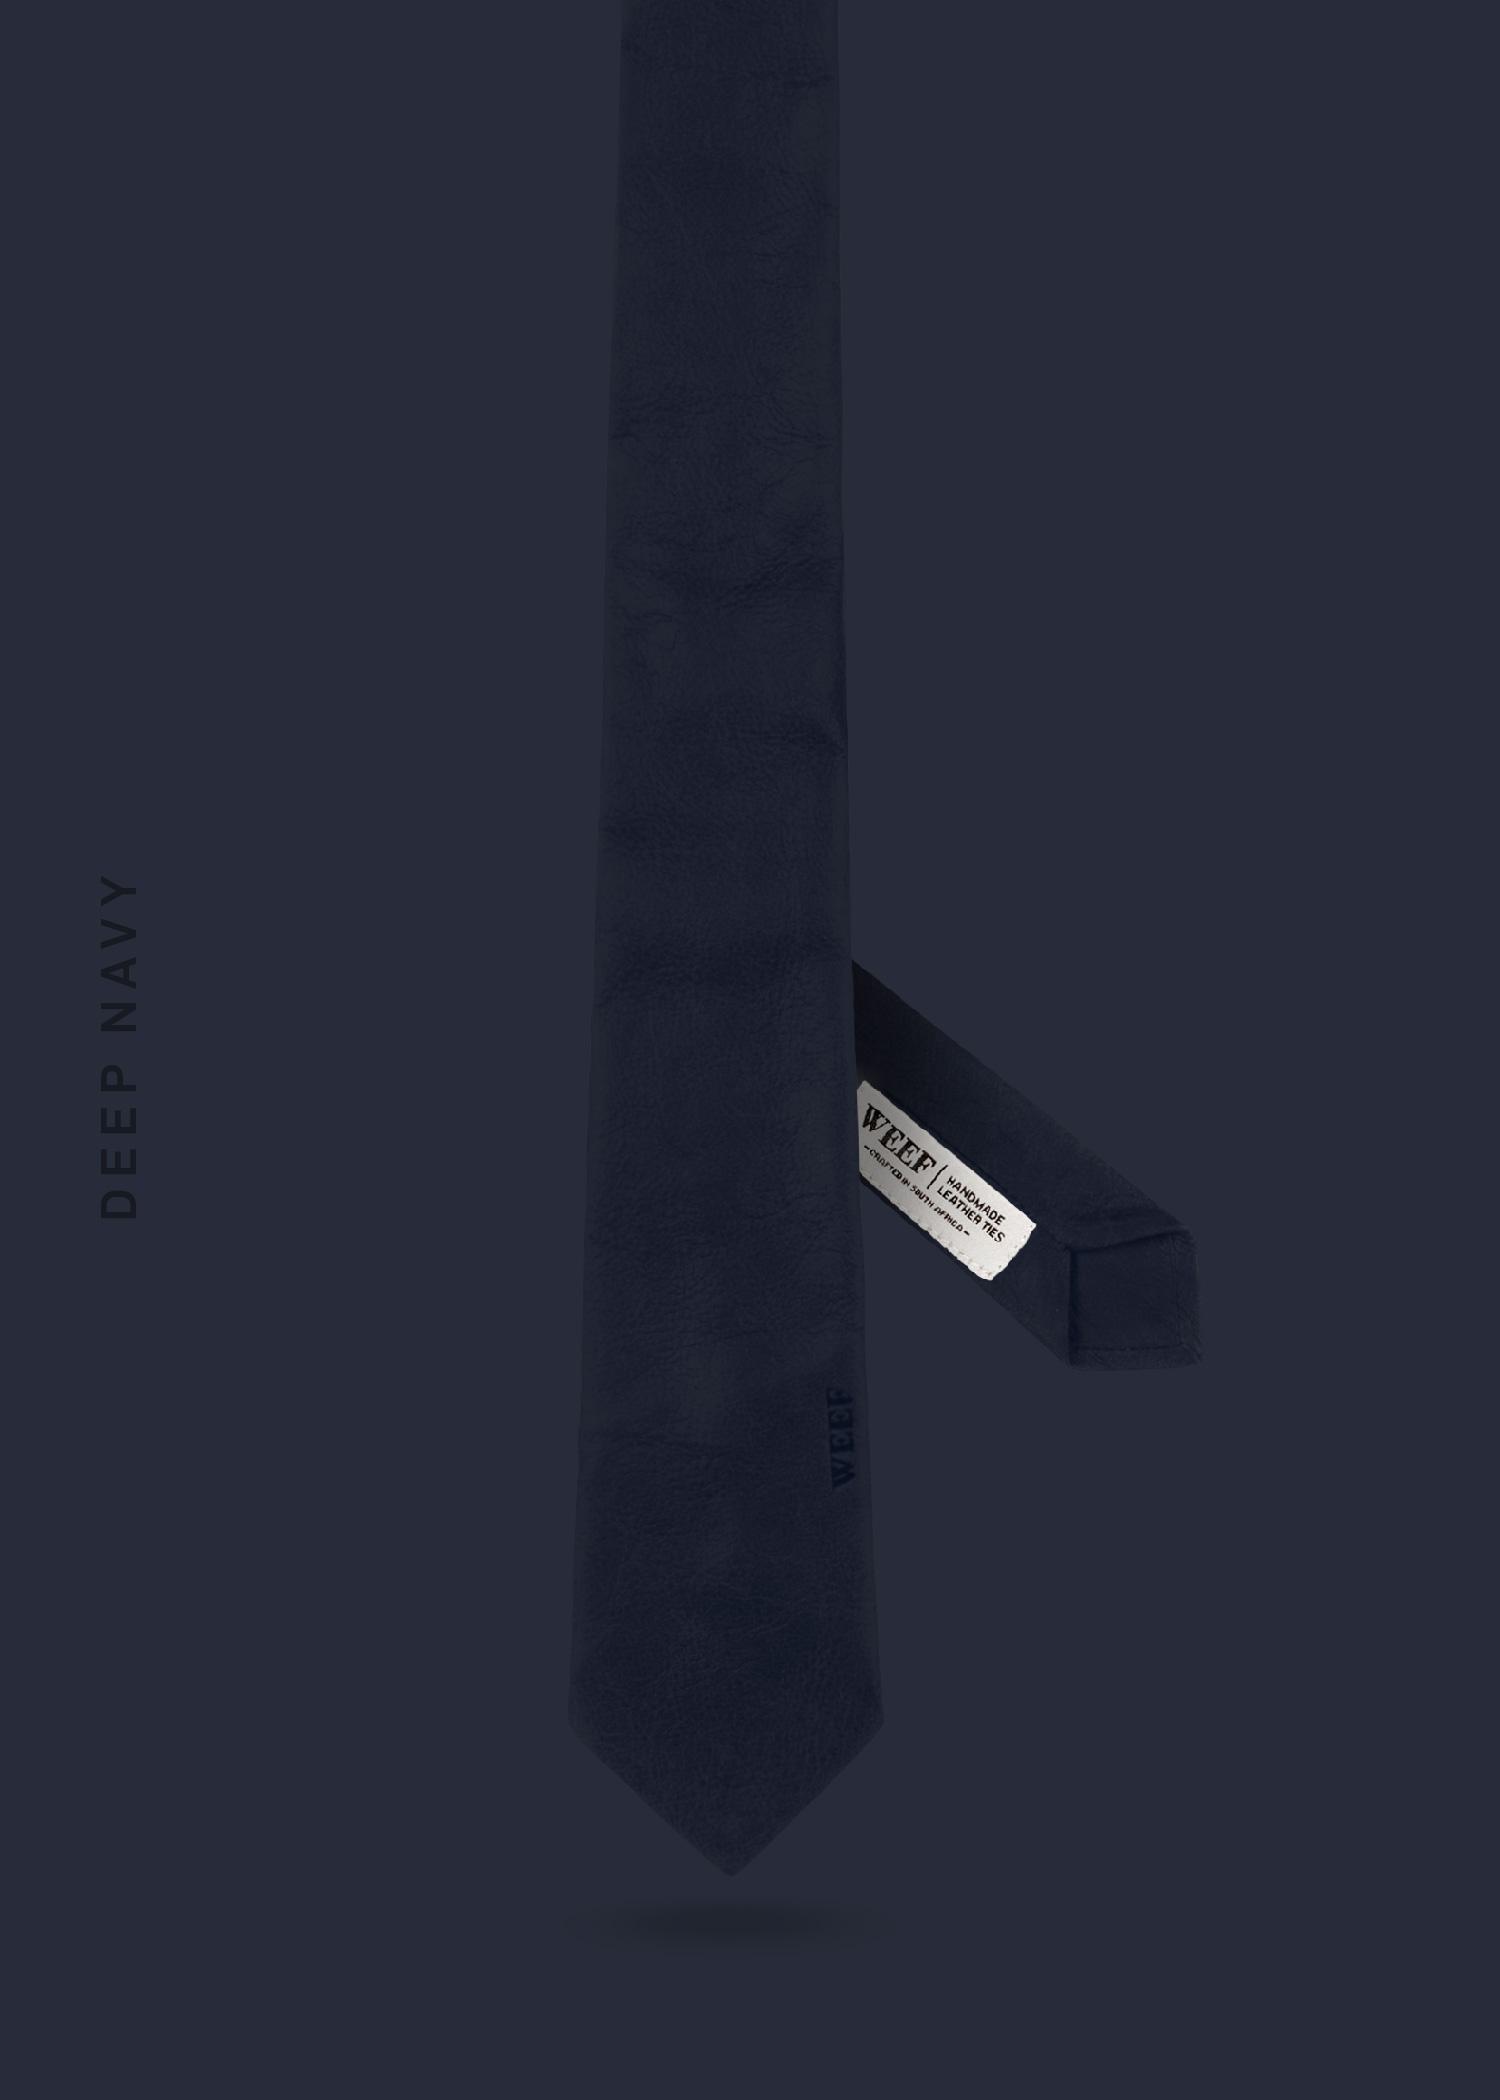 WEEF-Skinny-Tie-Deep-Navy-v2